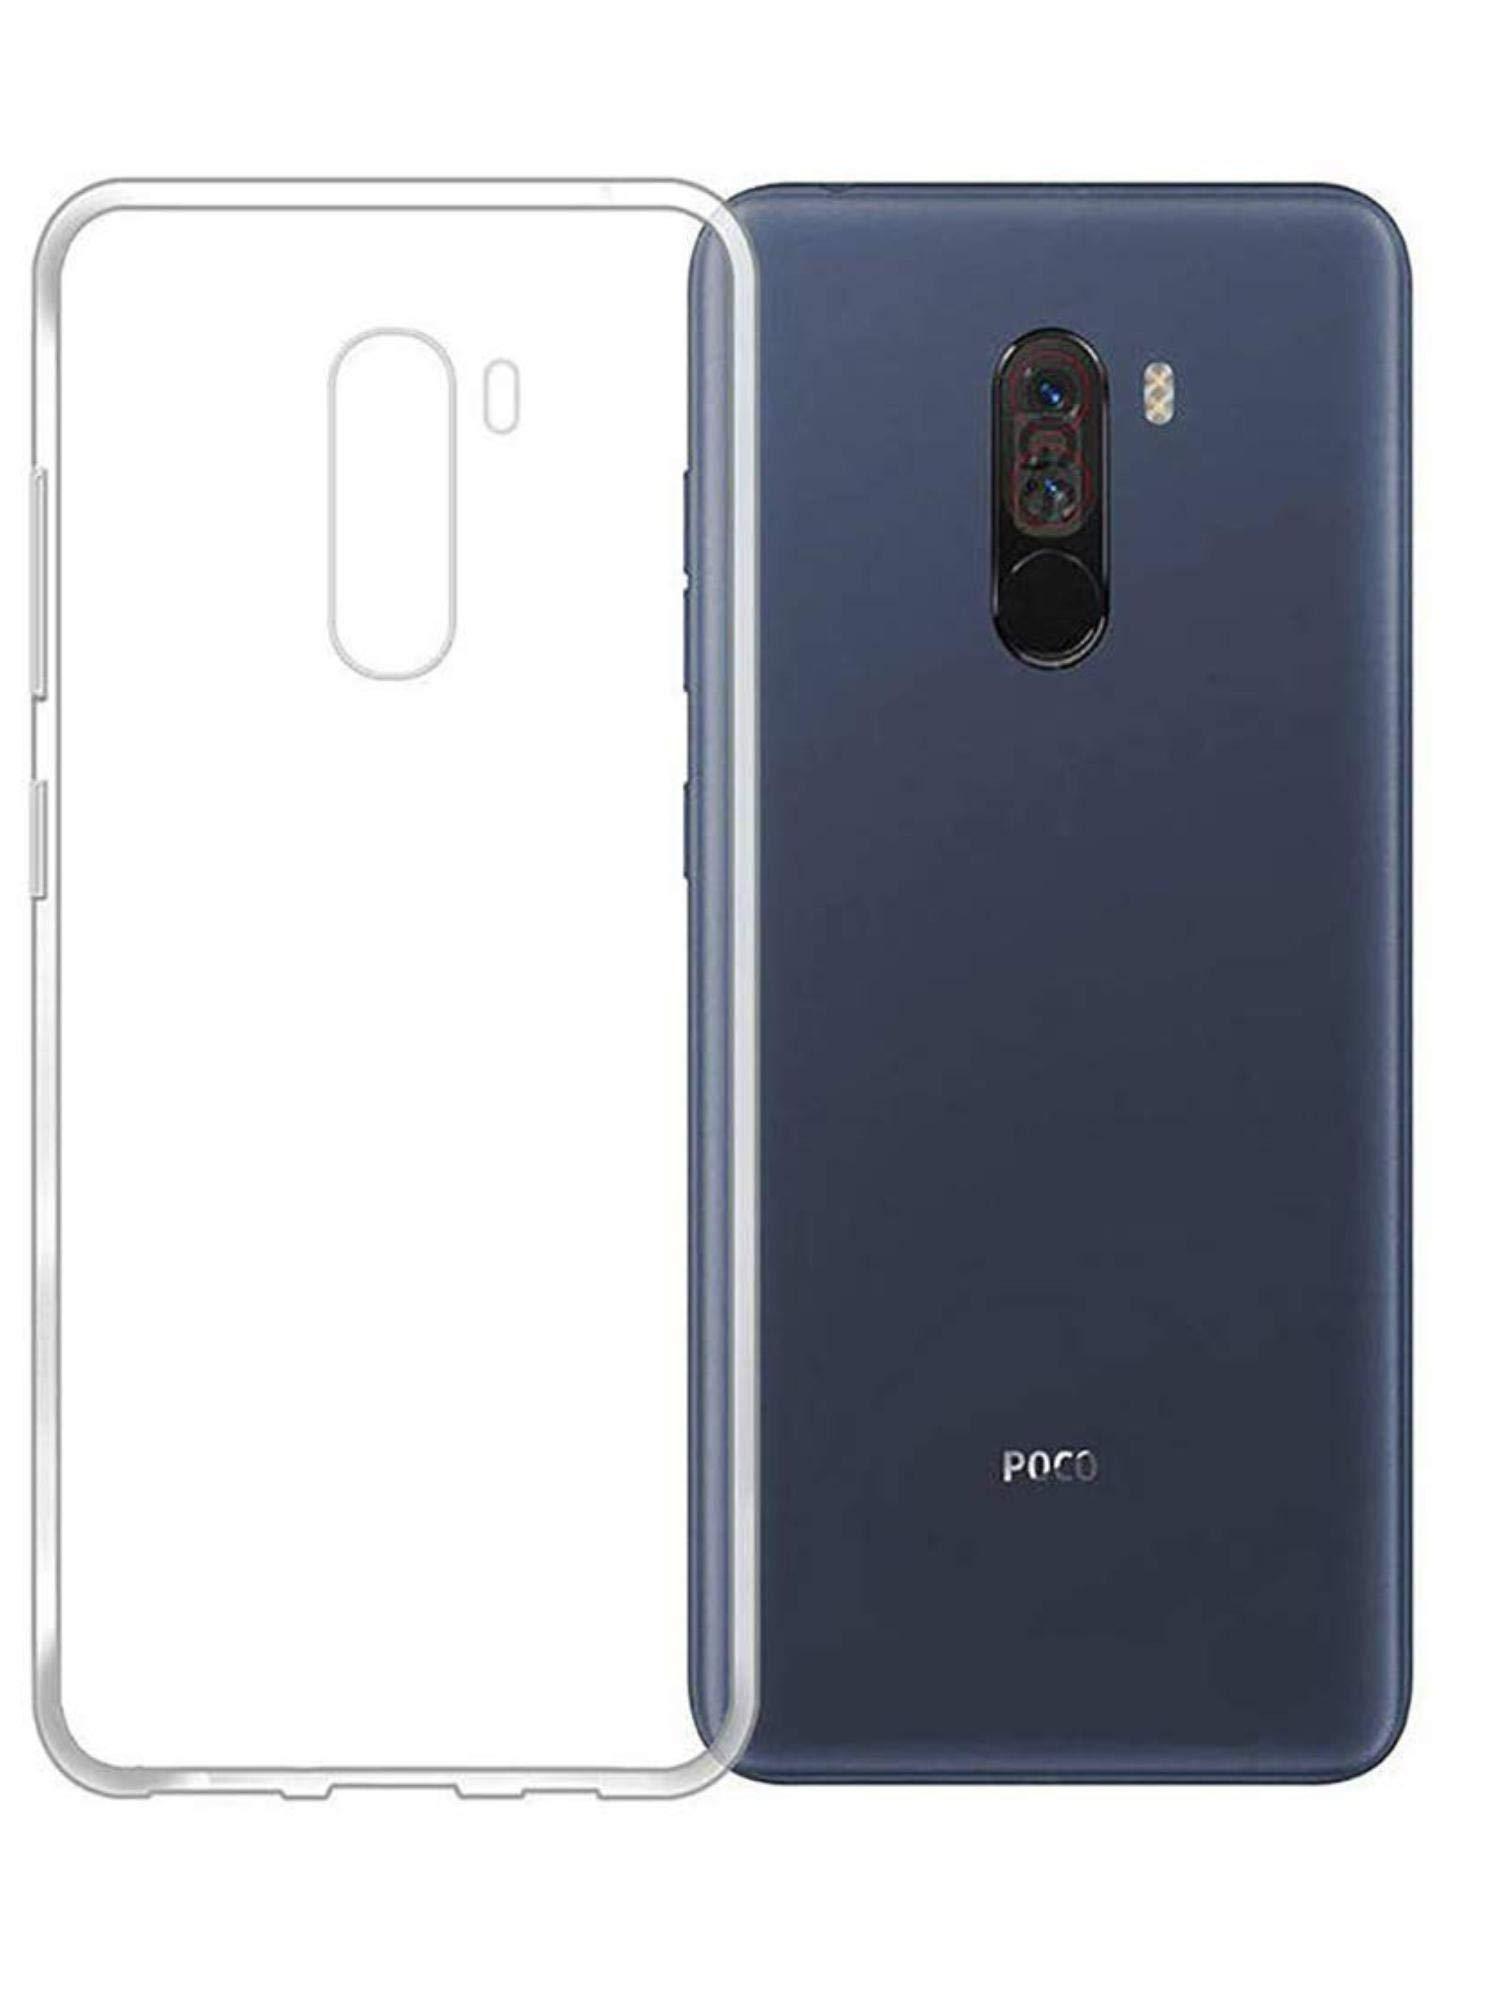 Todotumovil Funda de Gel TPU Carcasa Silicona para movil Xiaomi Pocophone F1 Transparente: Amazon.es: Electrónica